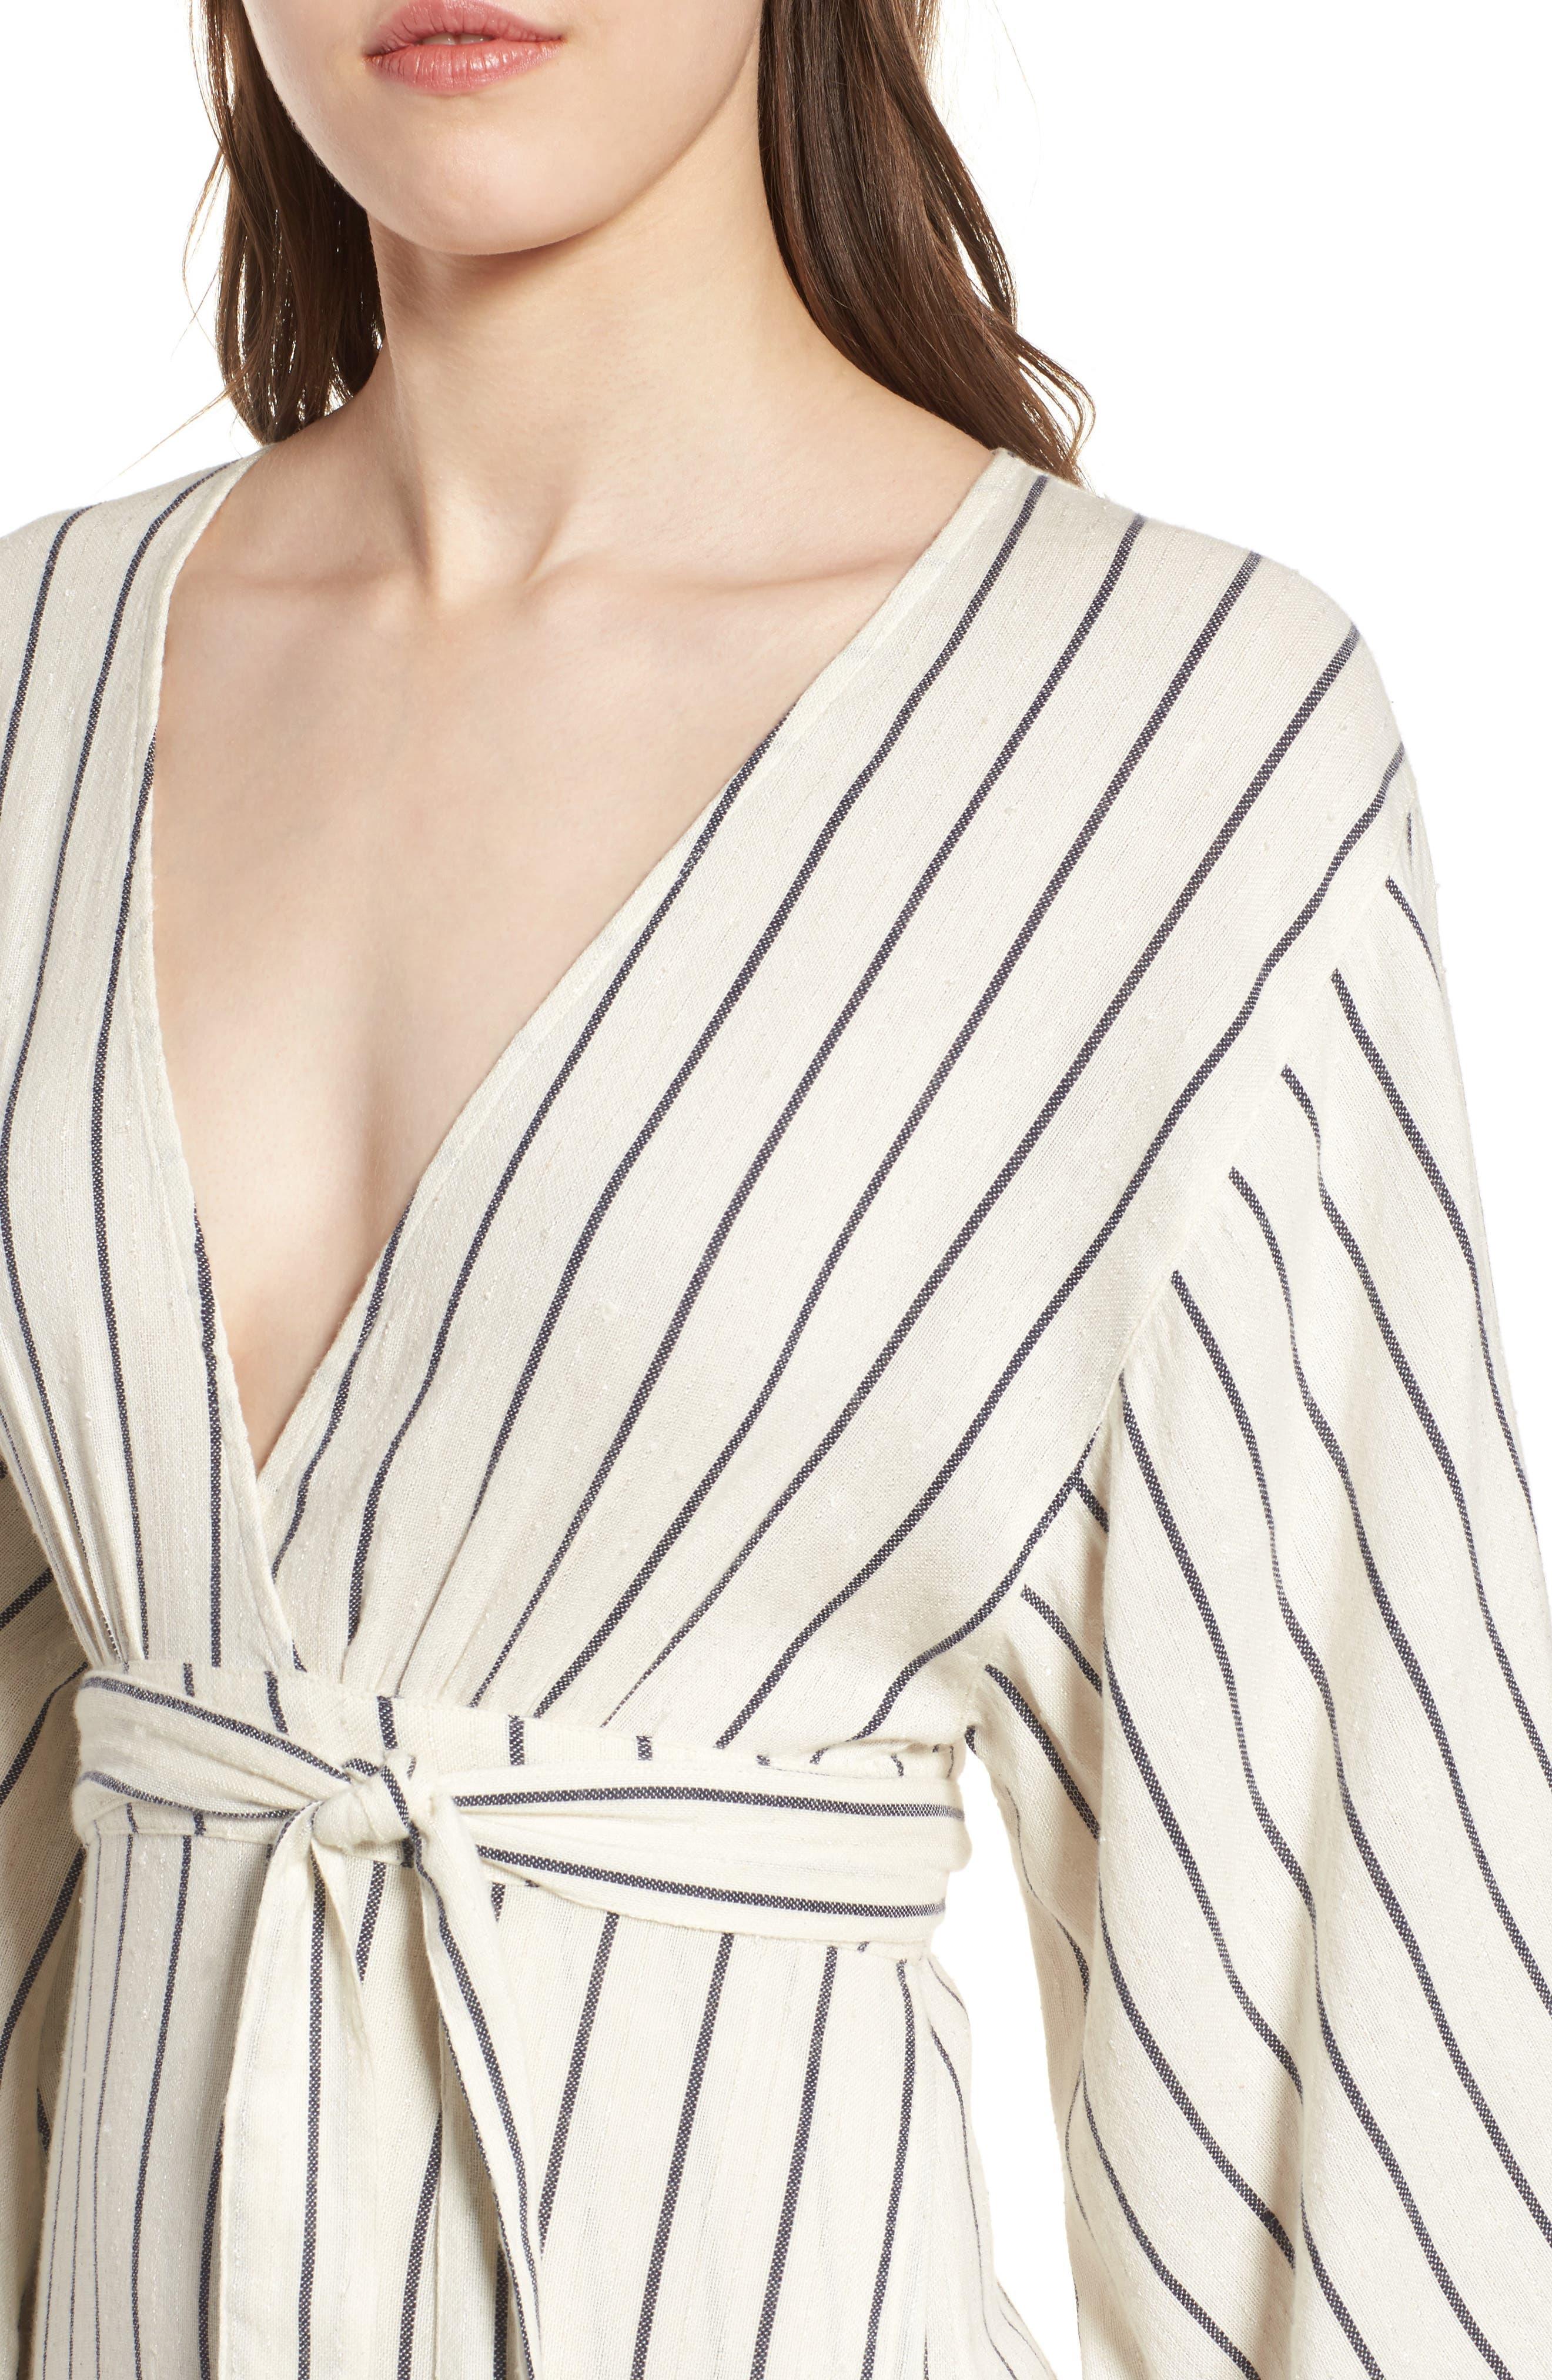 Robe Life Striped Midi Dress,                             Alternate thumbnail 4, color,                             190